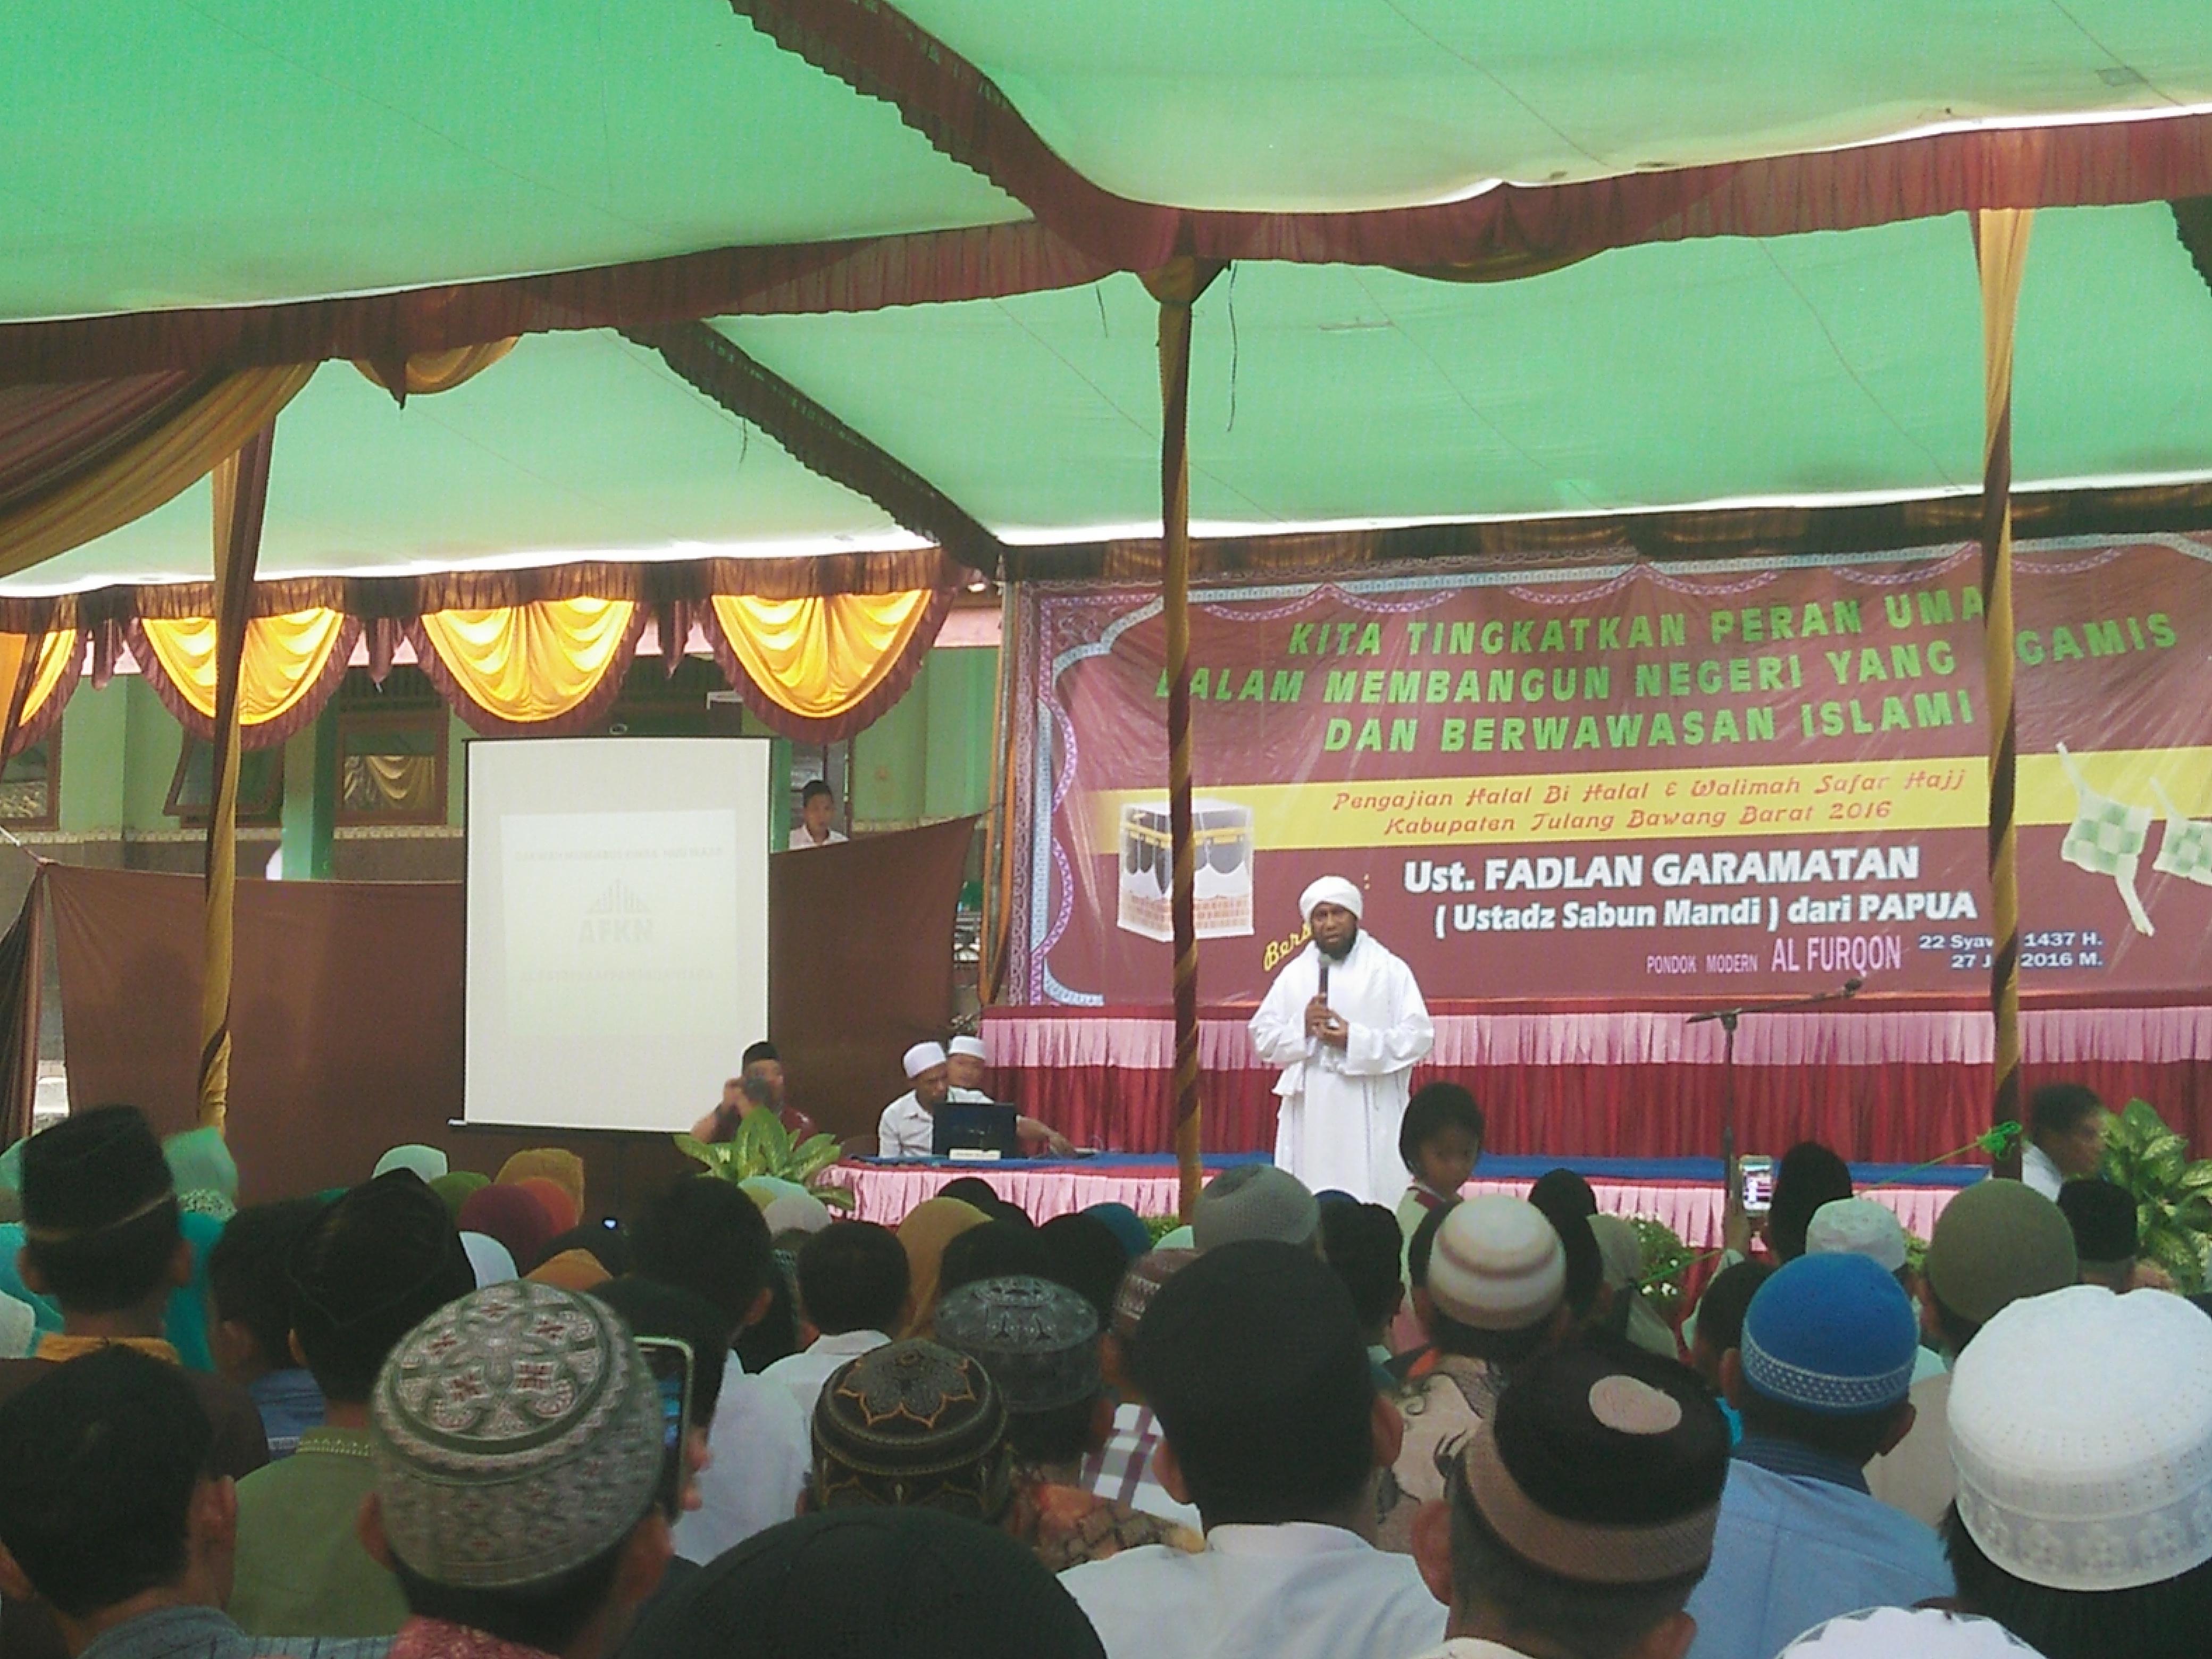 Ustadz Fadlan : Tidak Beragama Dengan Baik Bangsa Indonesia Akan Alami Kemunduran